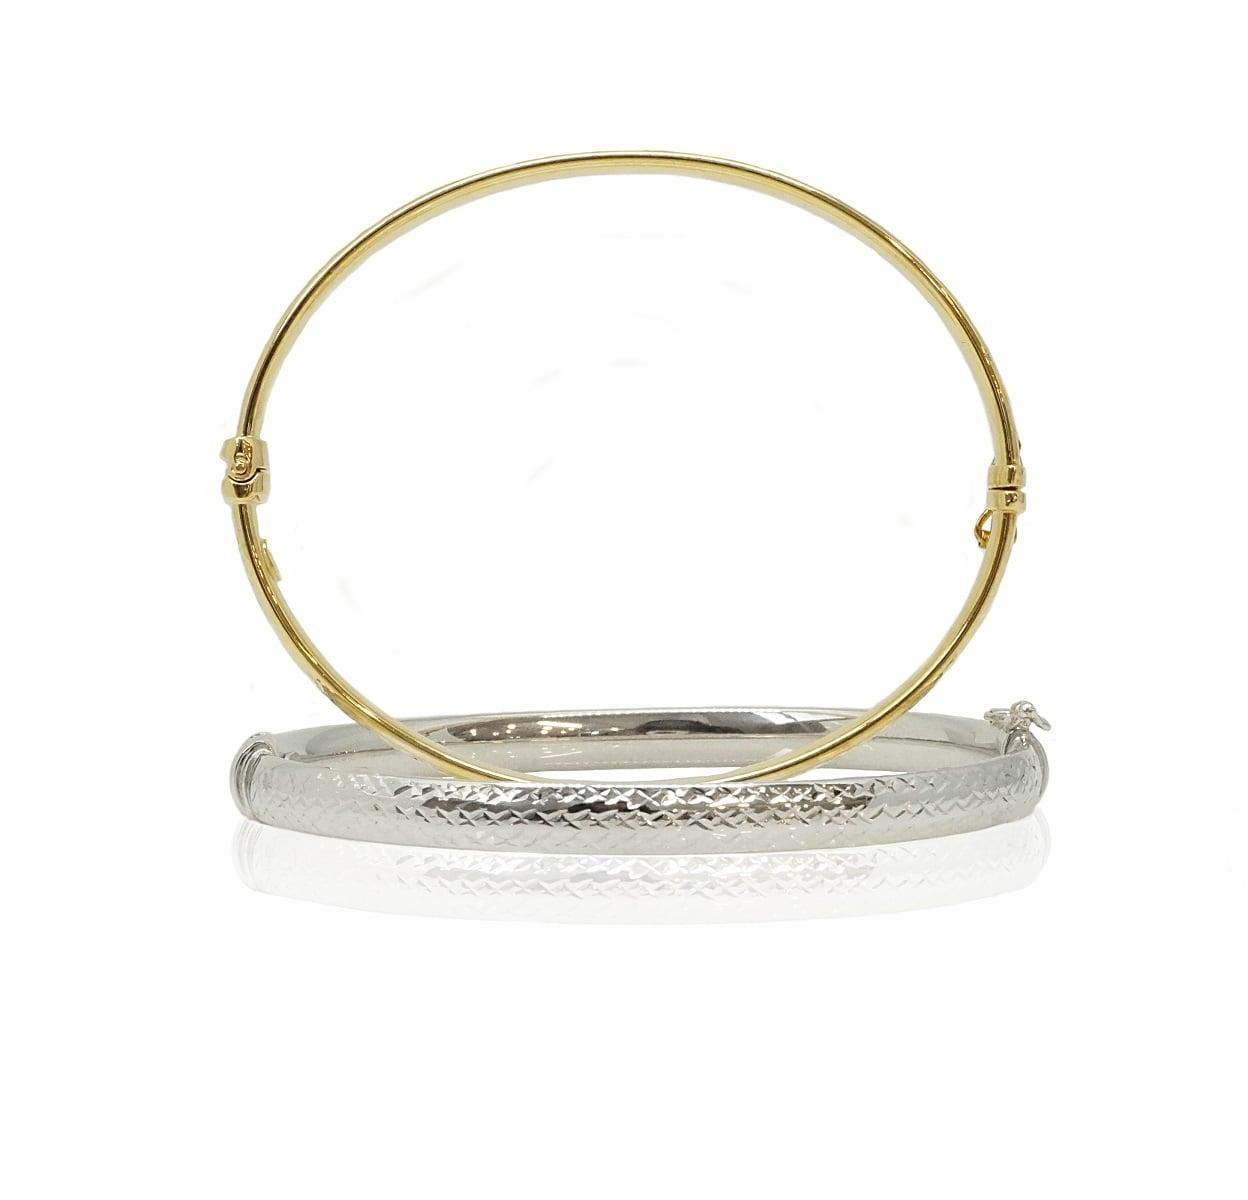 צמיד בנגל זהב (קשיח) עם חיתוך לייזר , צמיד מרשים